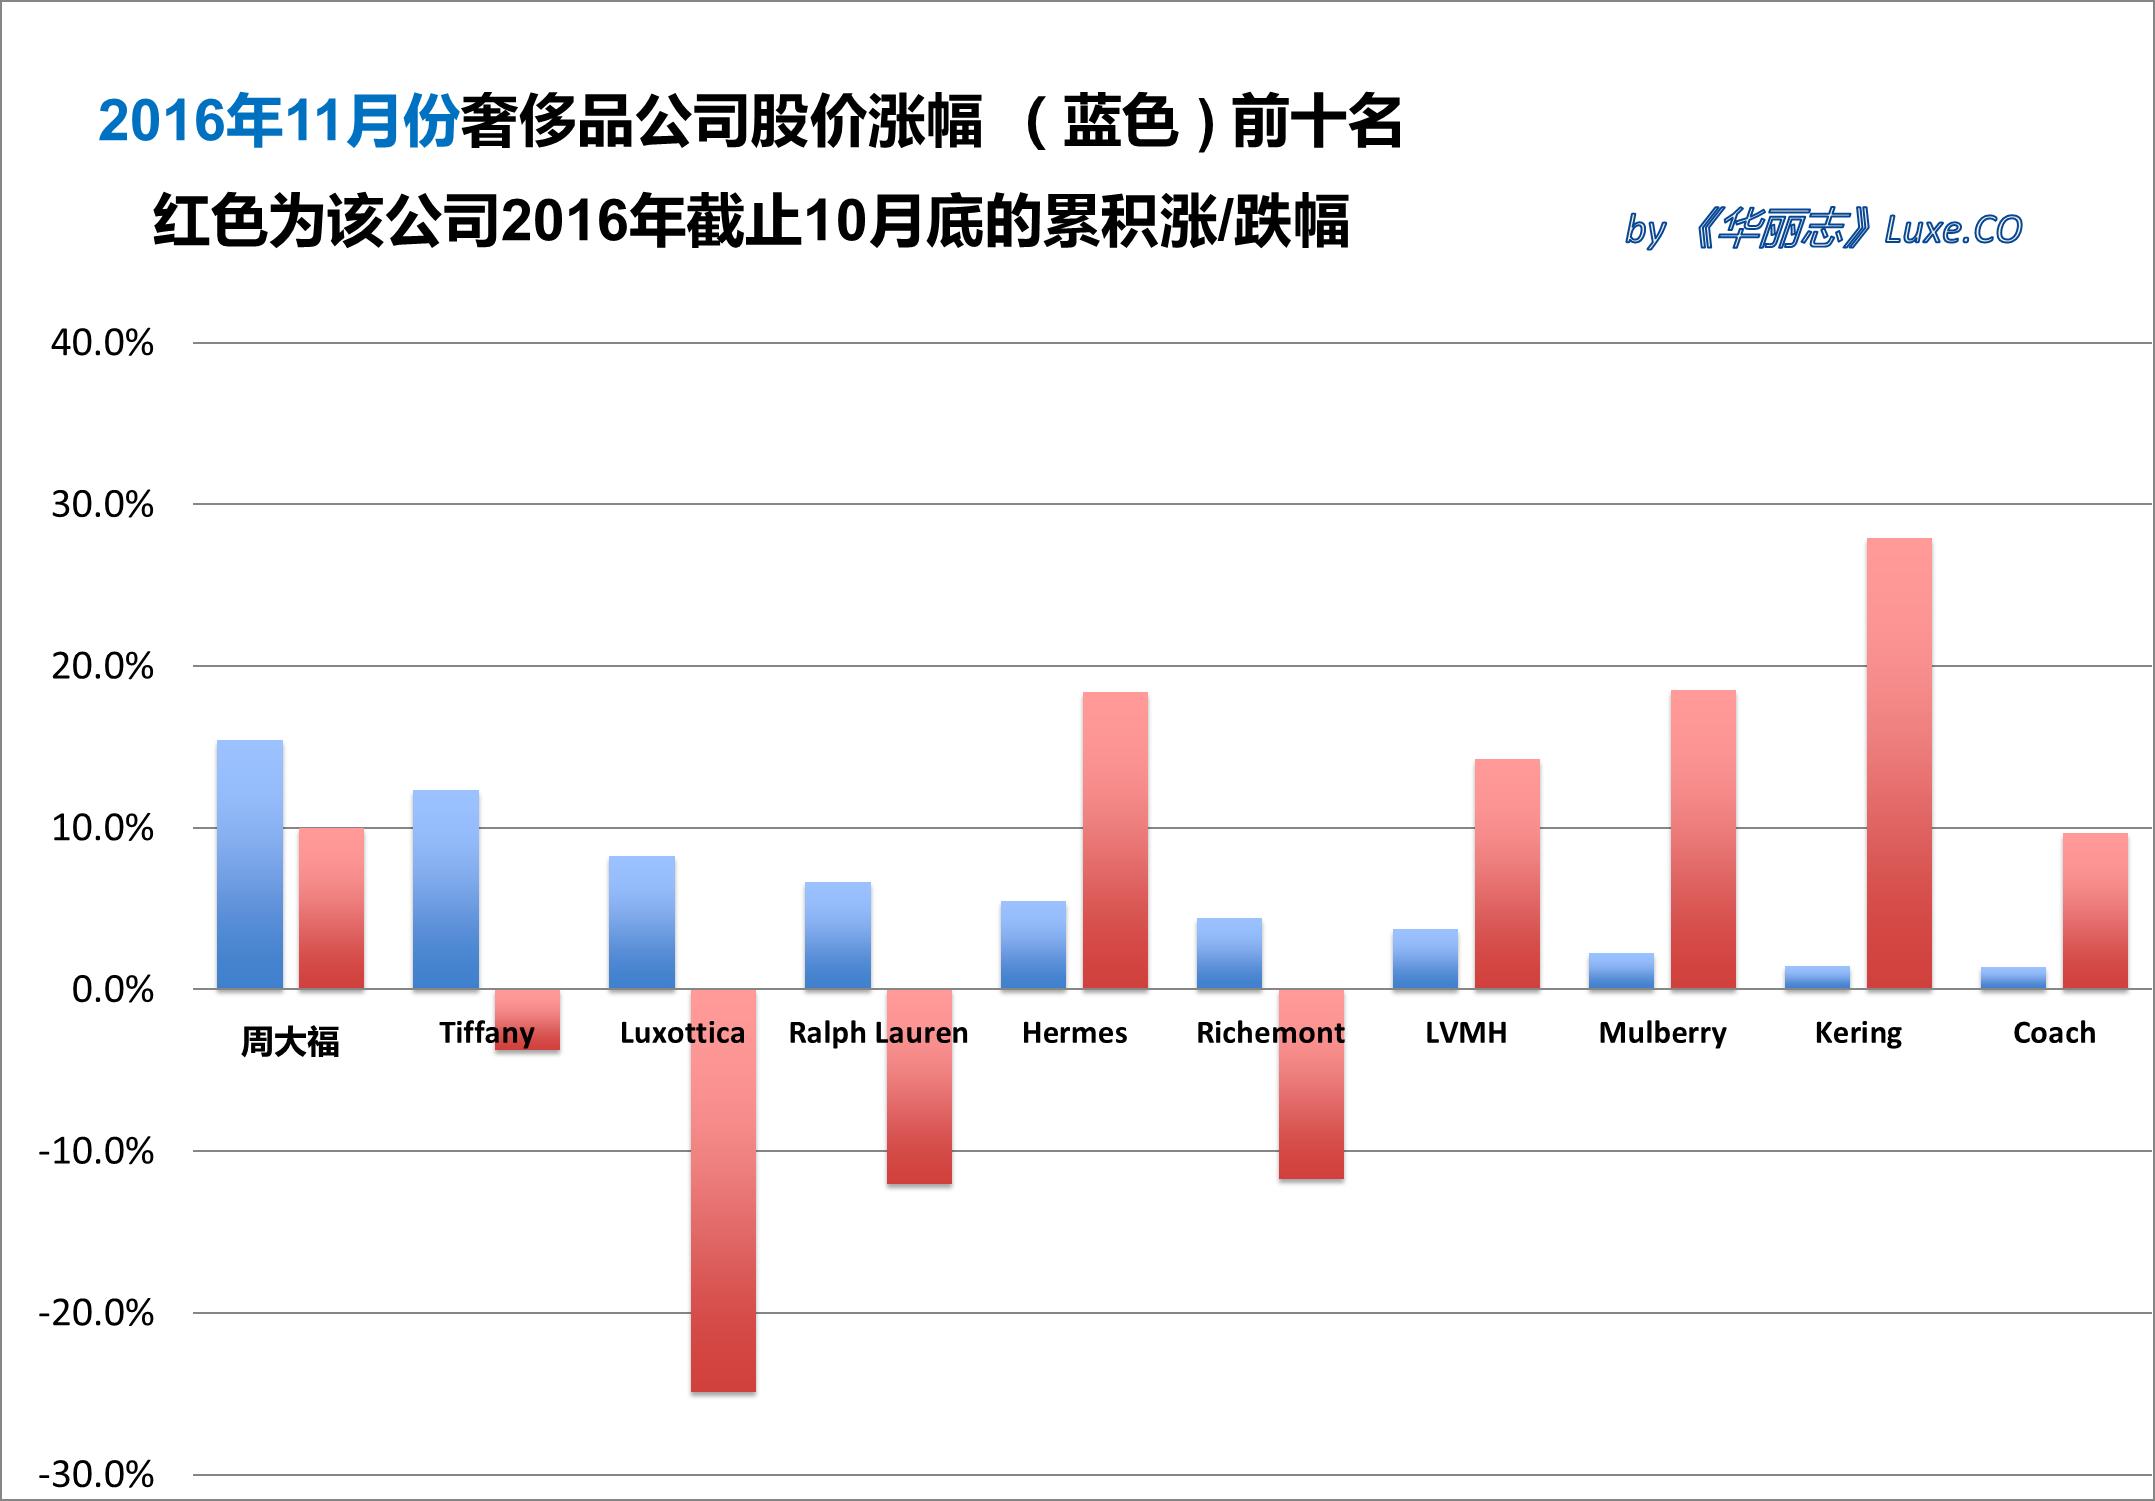 《华丽志》奢侈品股票月度排行榜(2016年11月)